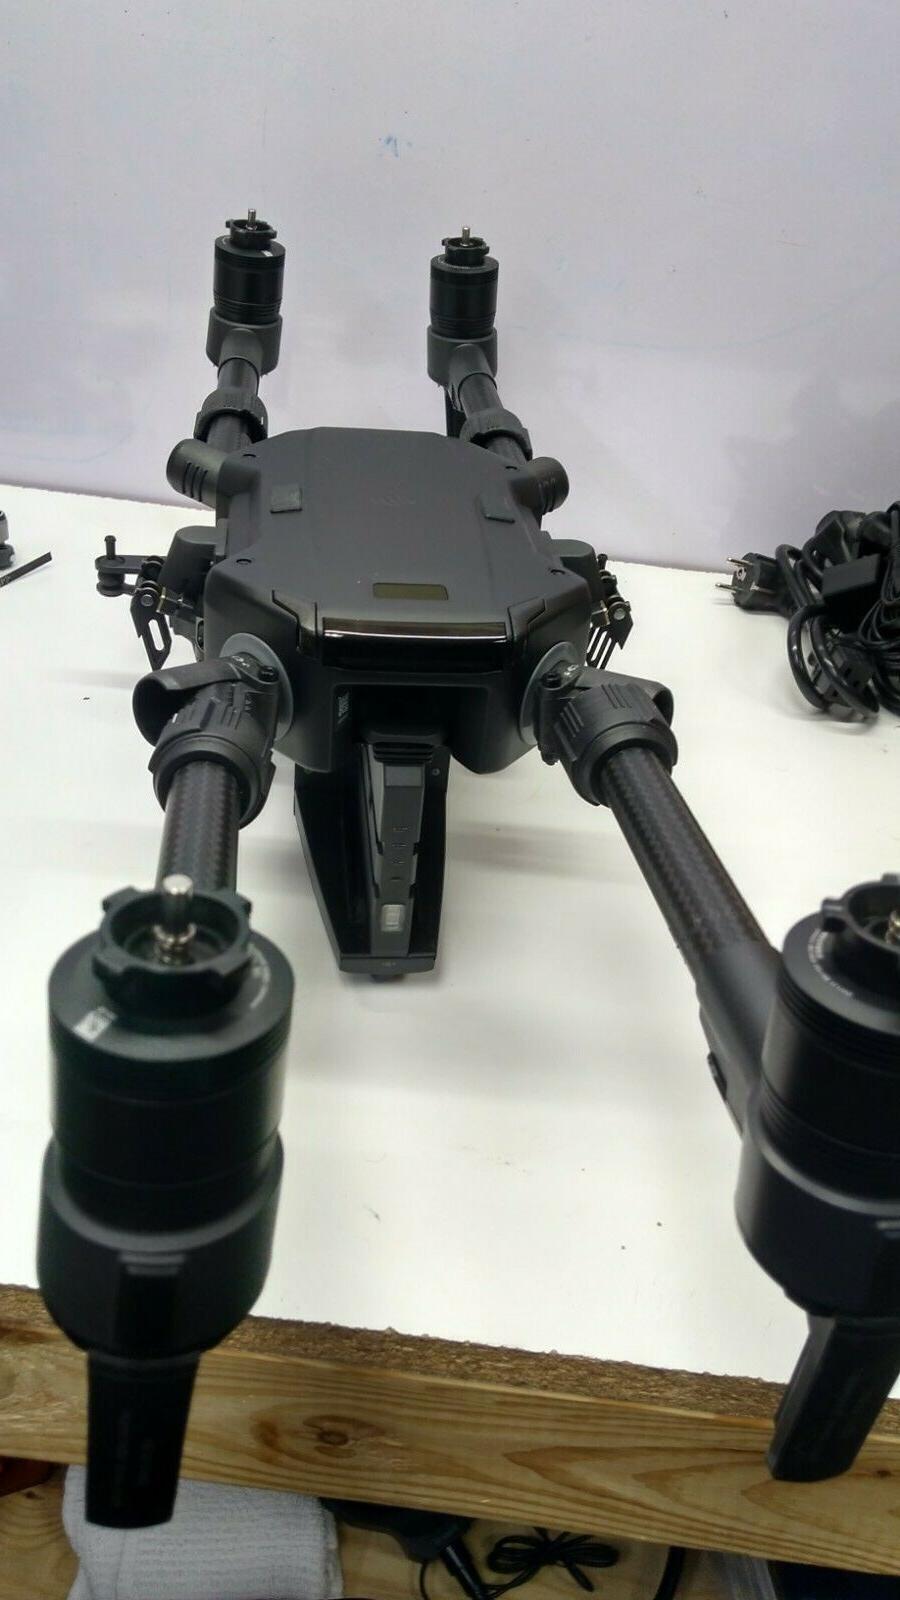 OPEN DJI M210 v1 DRONE